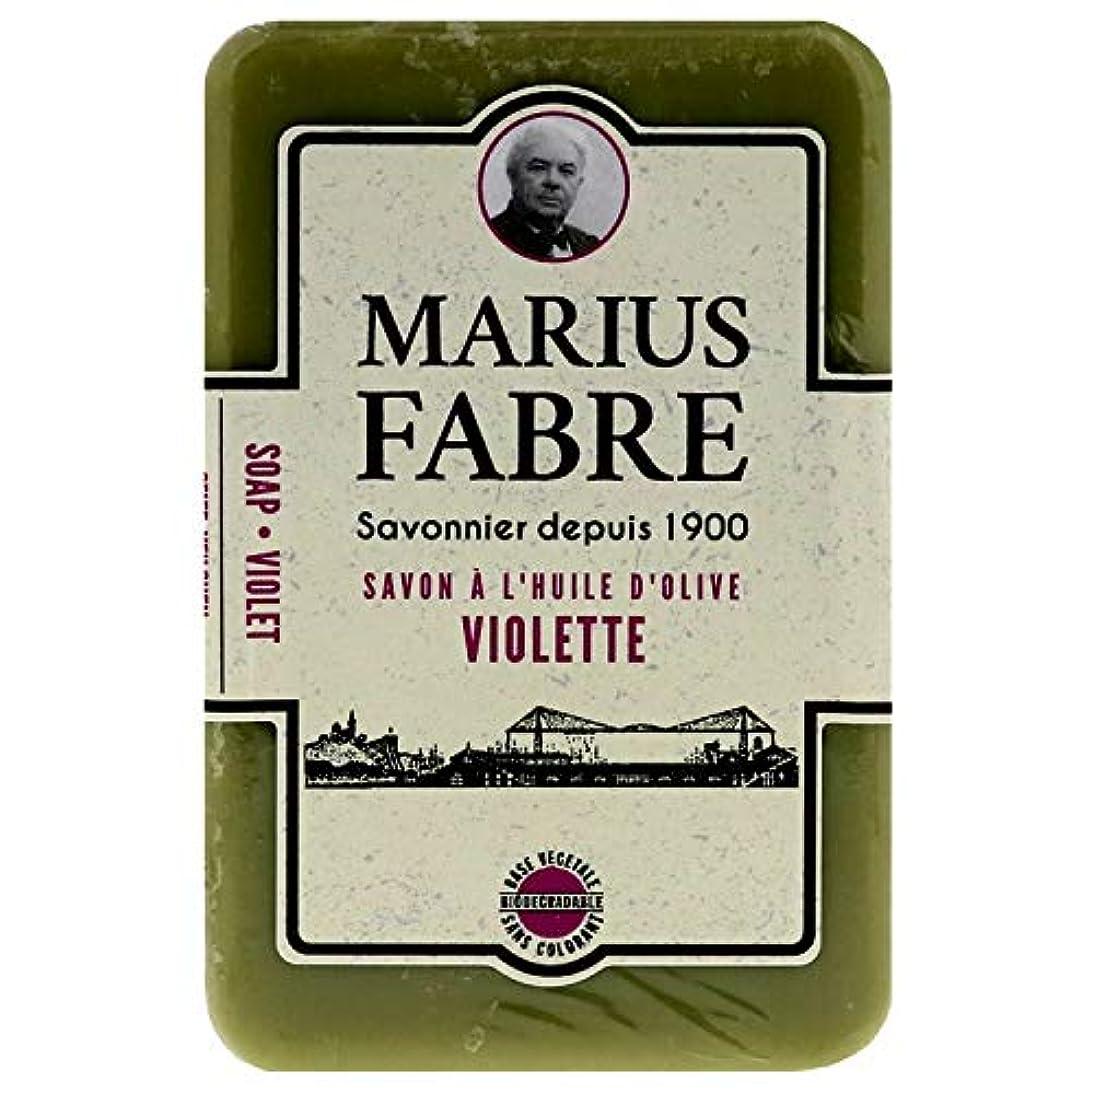 非常に怒っています多くの危険がある状況沼地サボンドマルセイユ 1900 バイオレット 250g